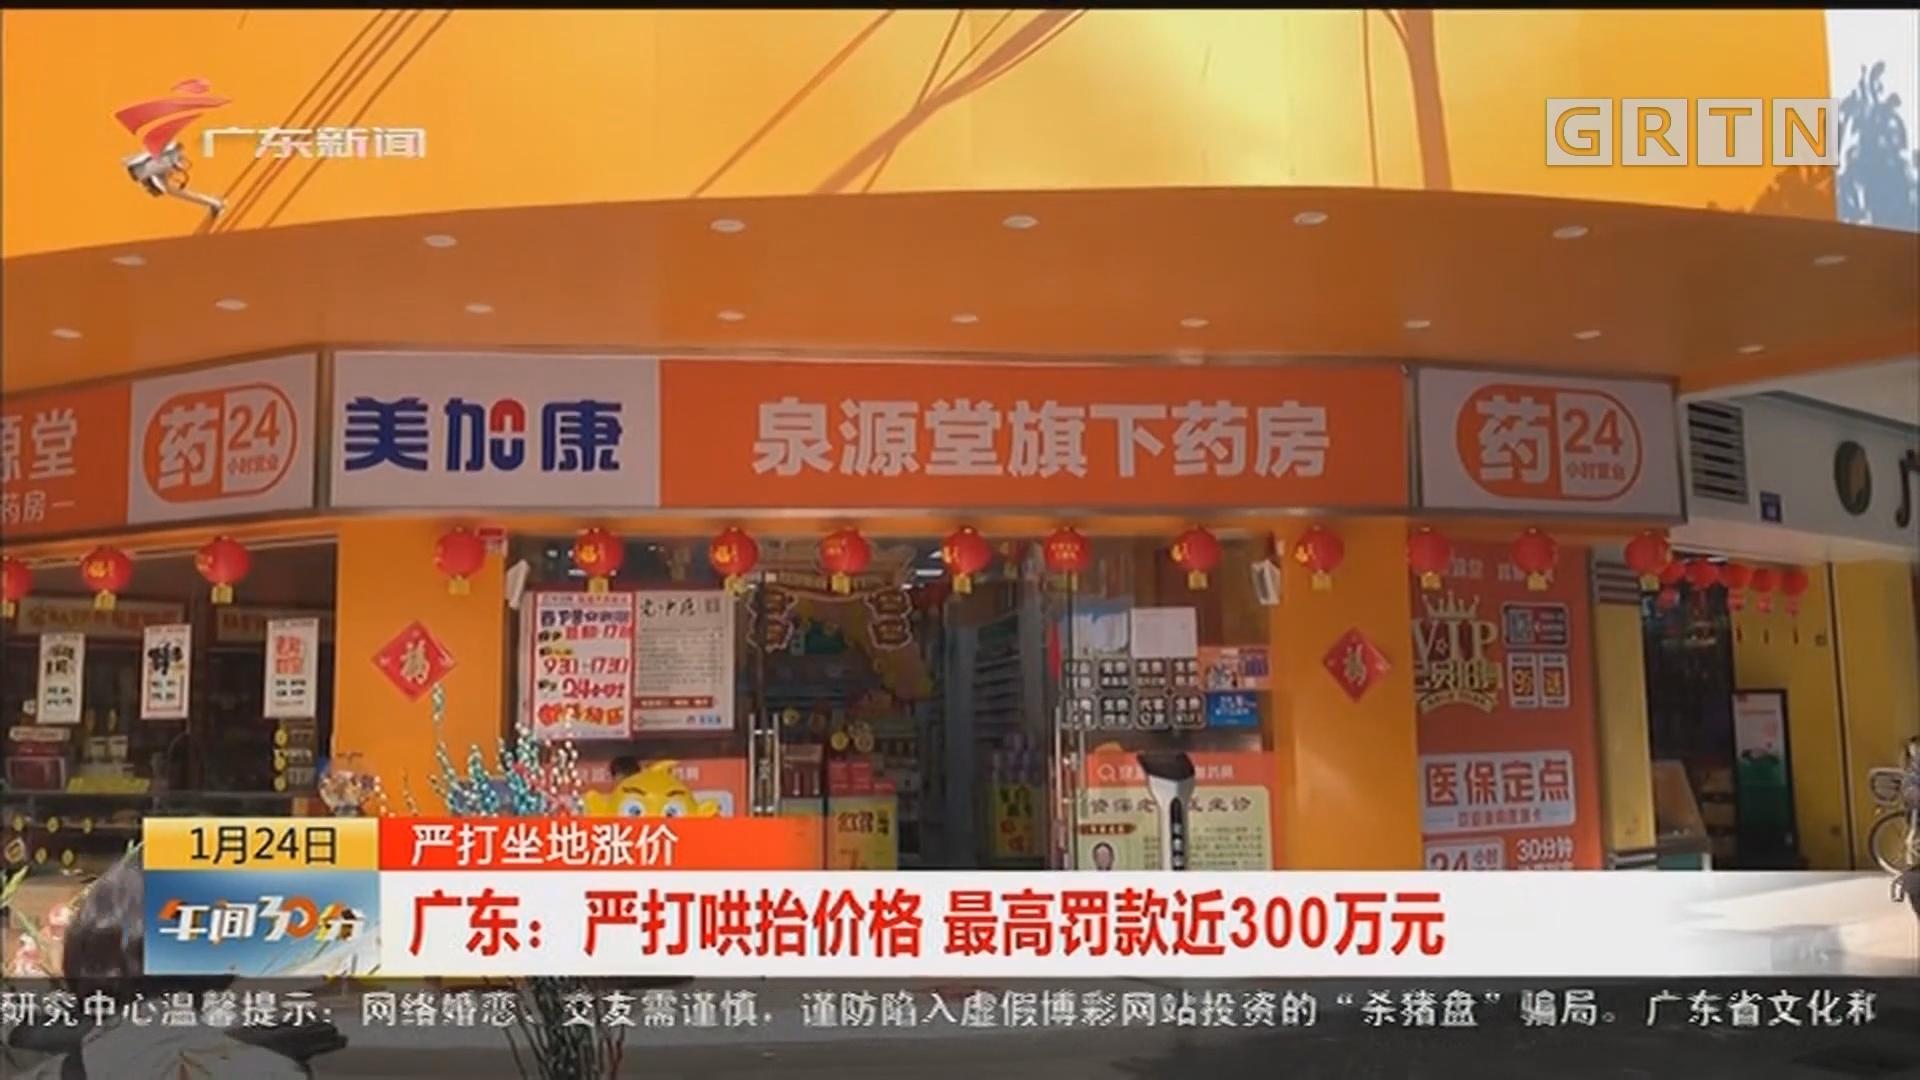 严打坐地涨价:广州海珠区侨兴路 药房涉嫌抬升口罩价格